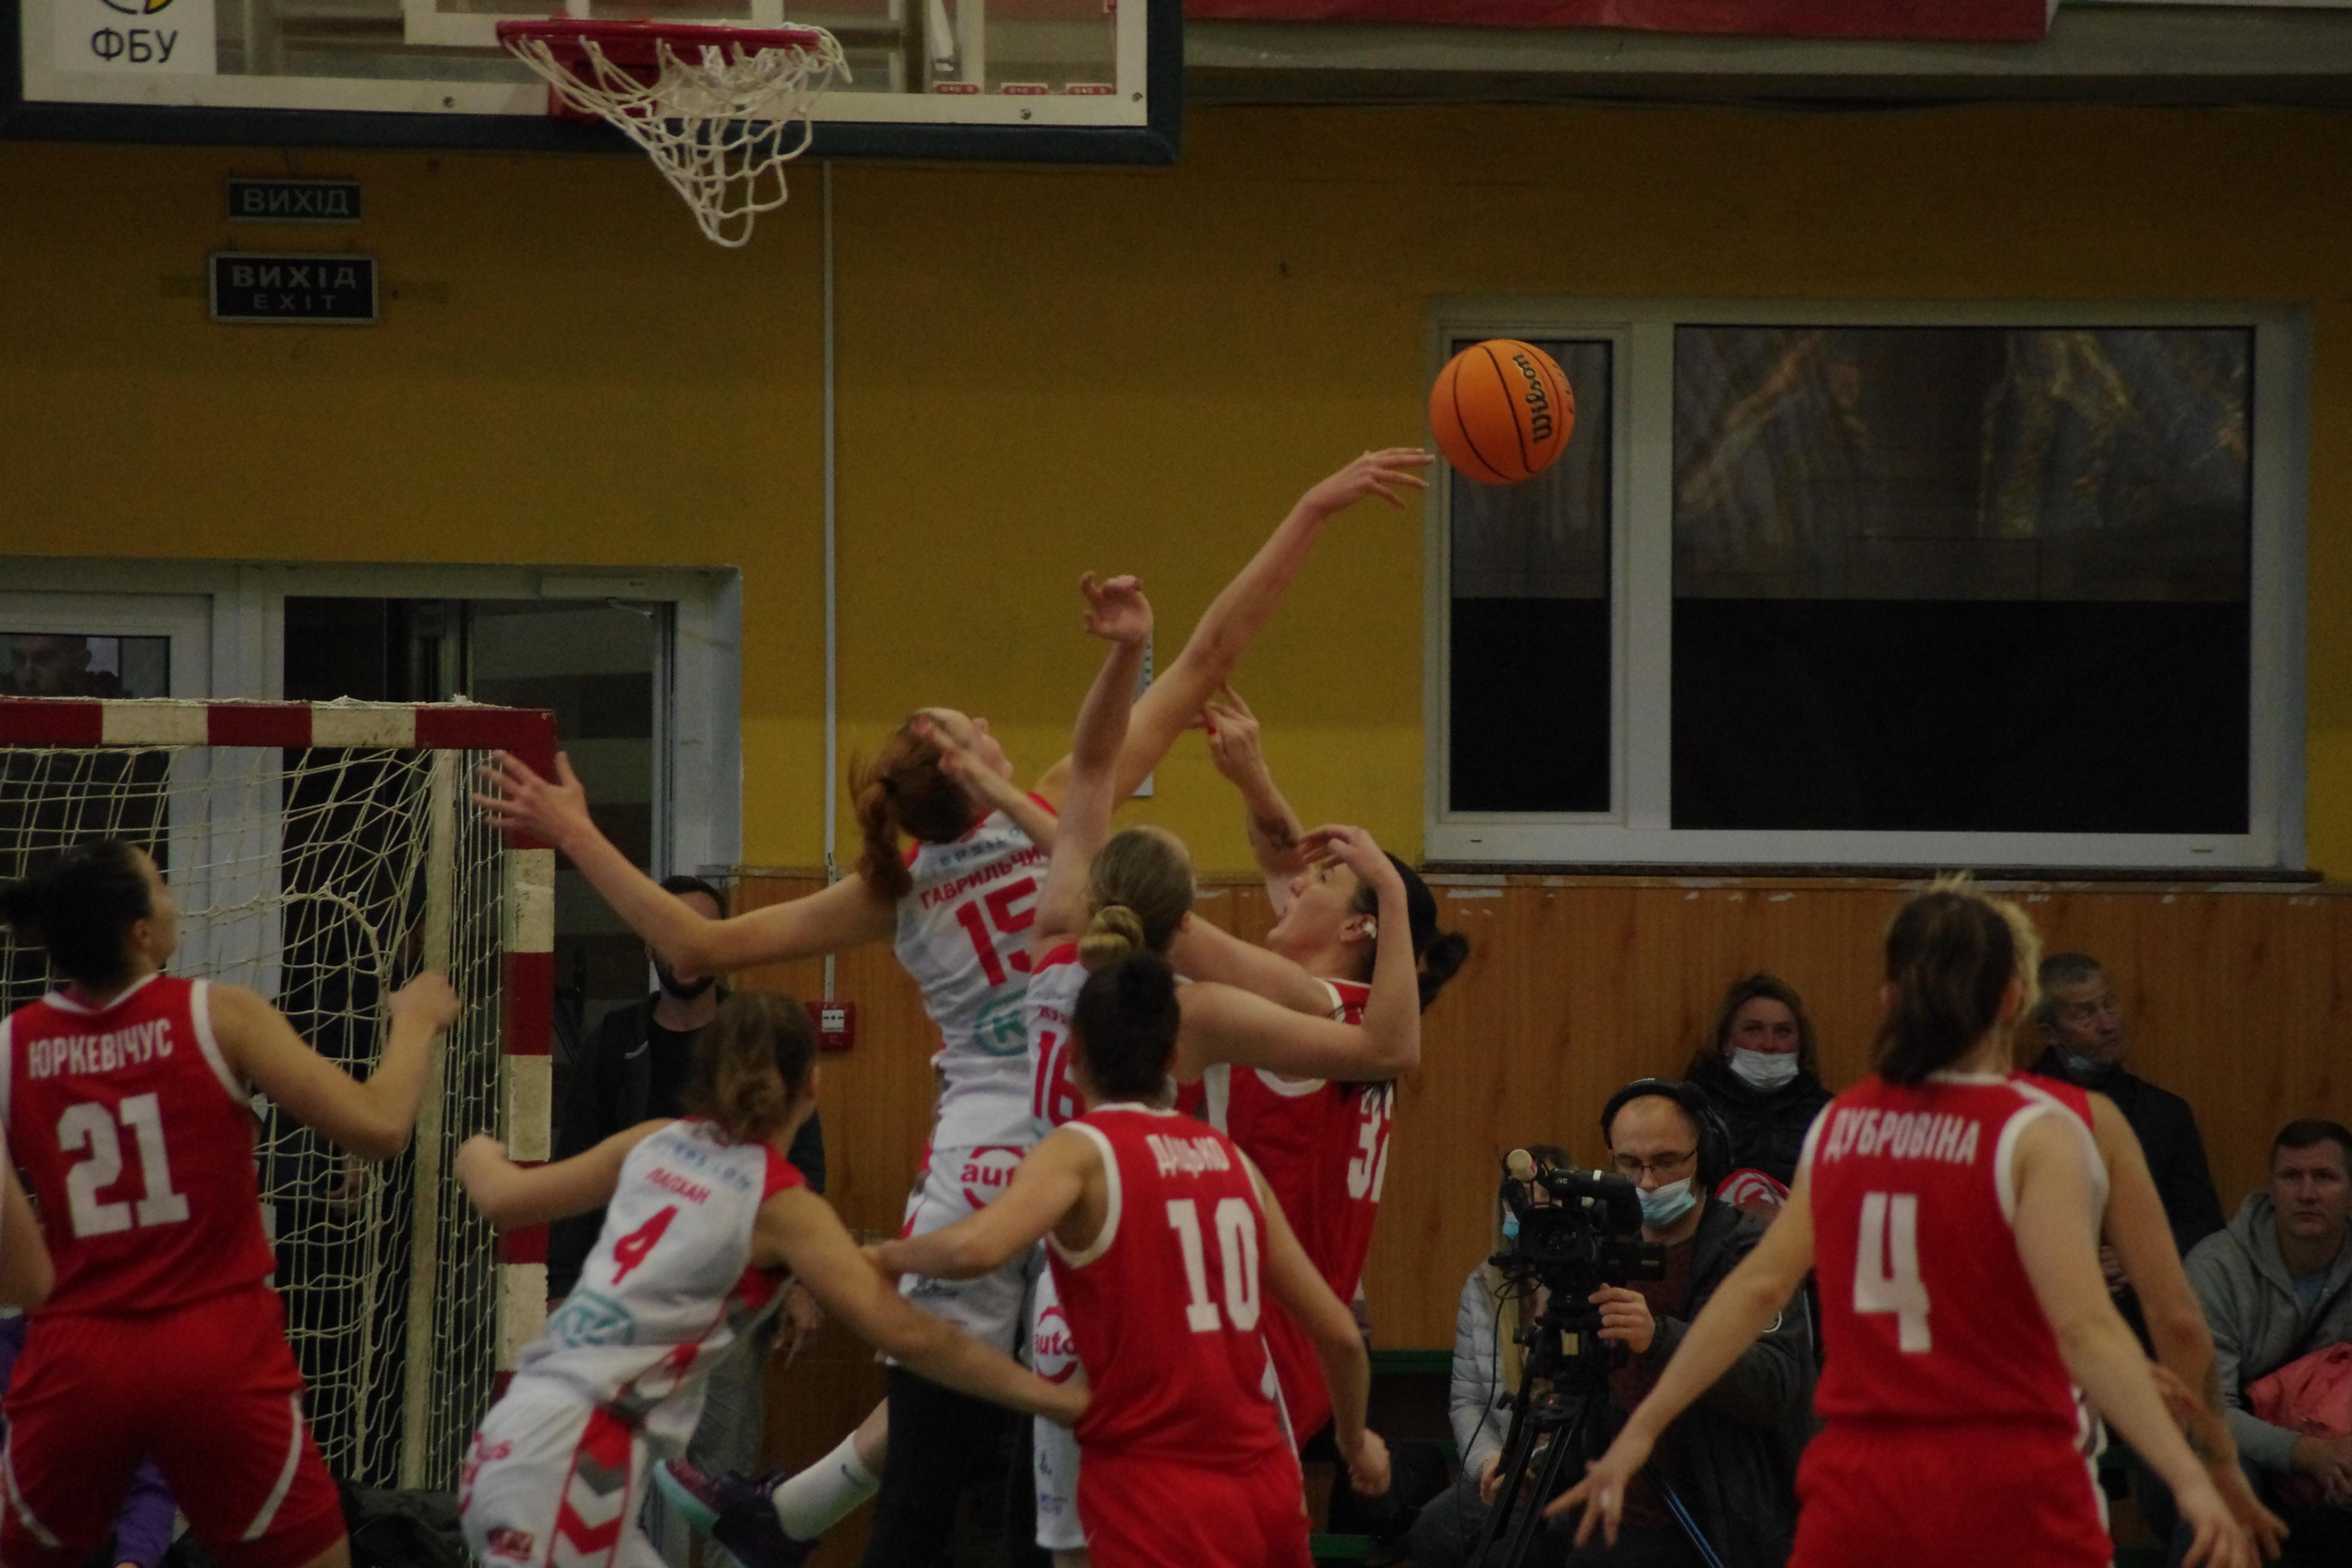 Прометей та Київ-Баскет продовжили свої переможні серії до 6 матчів поспіль